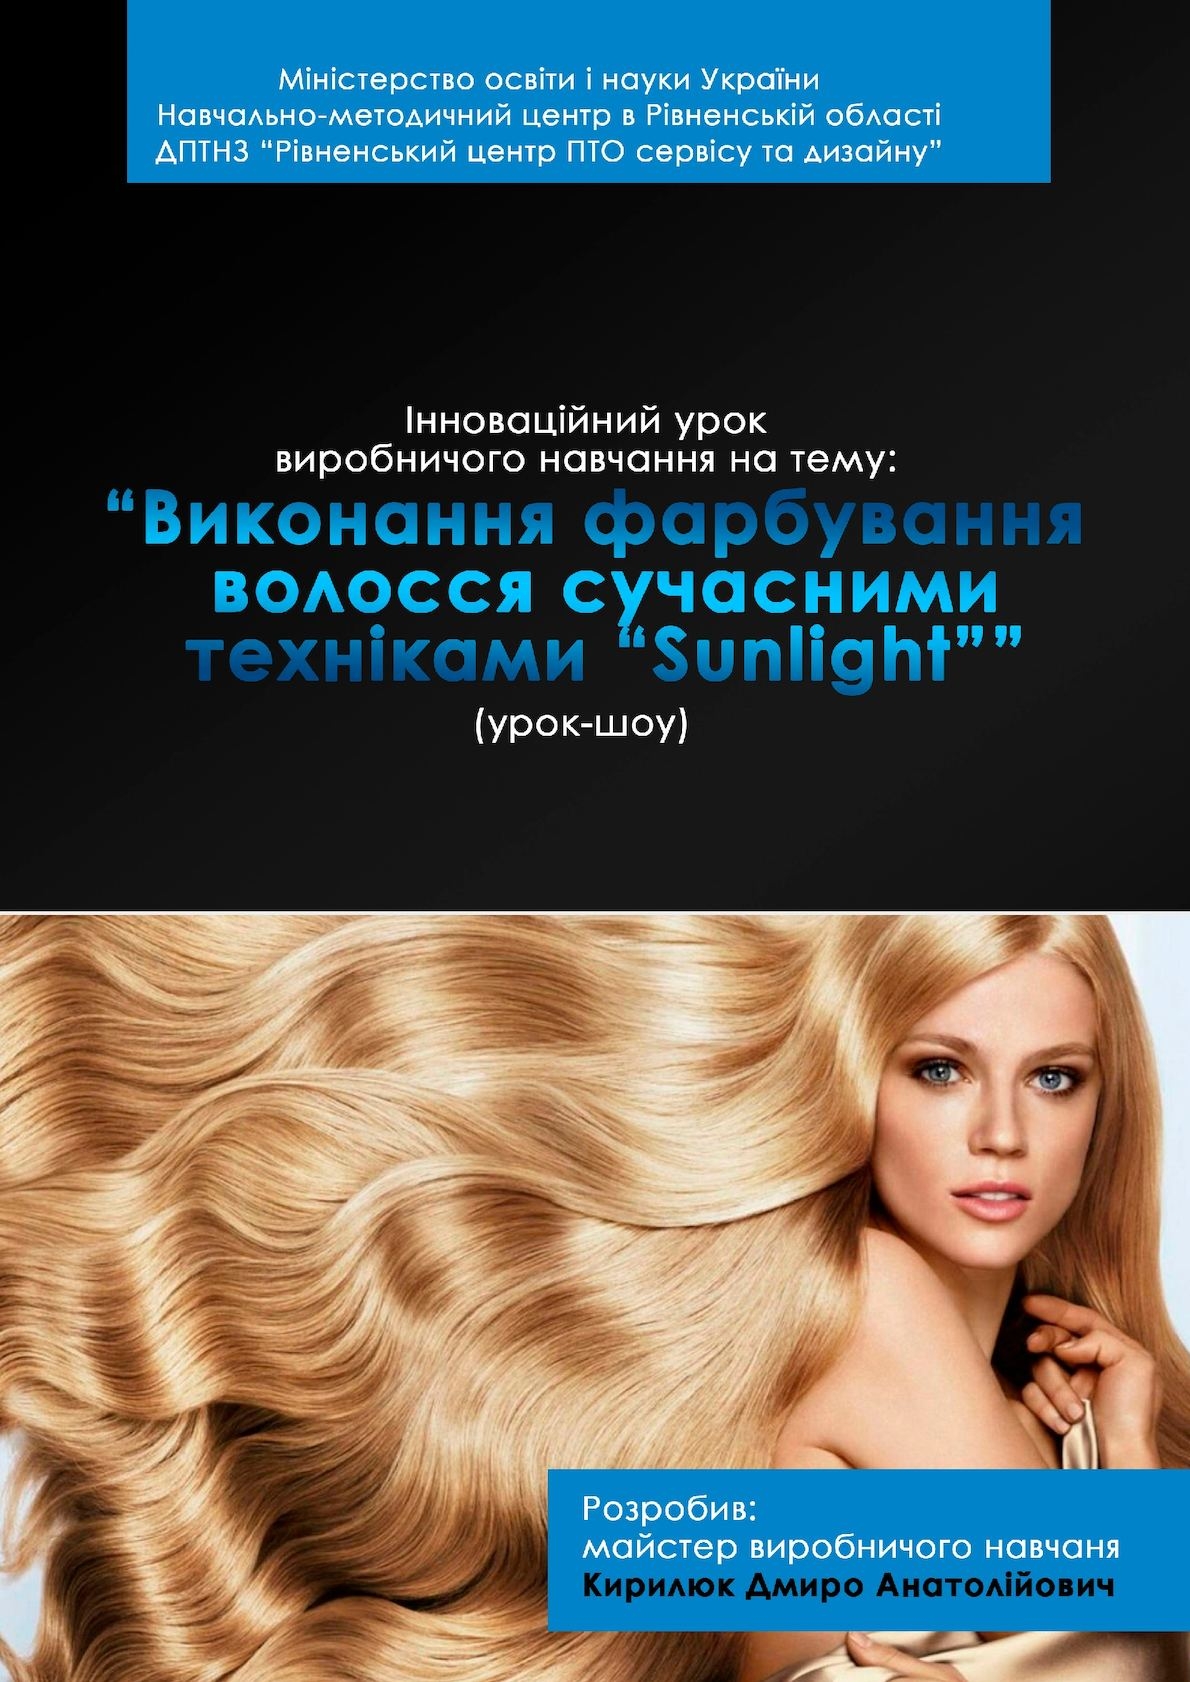 Кирилюк Д.А. Виконання фарбування волосся сучасним технічками SunLight.